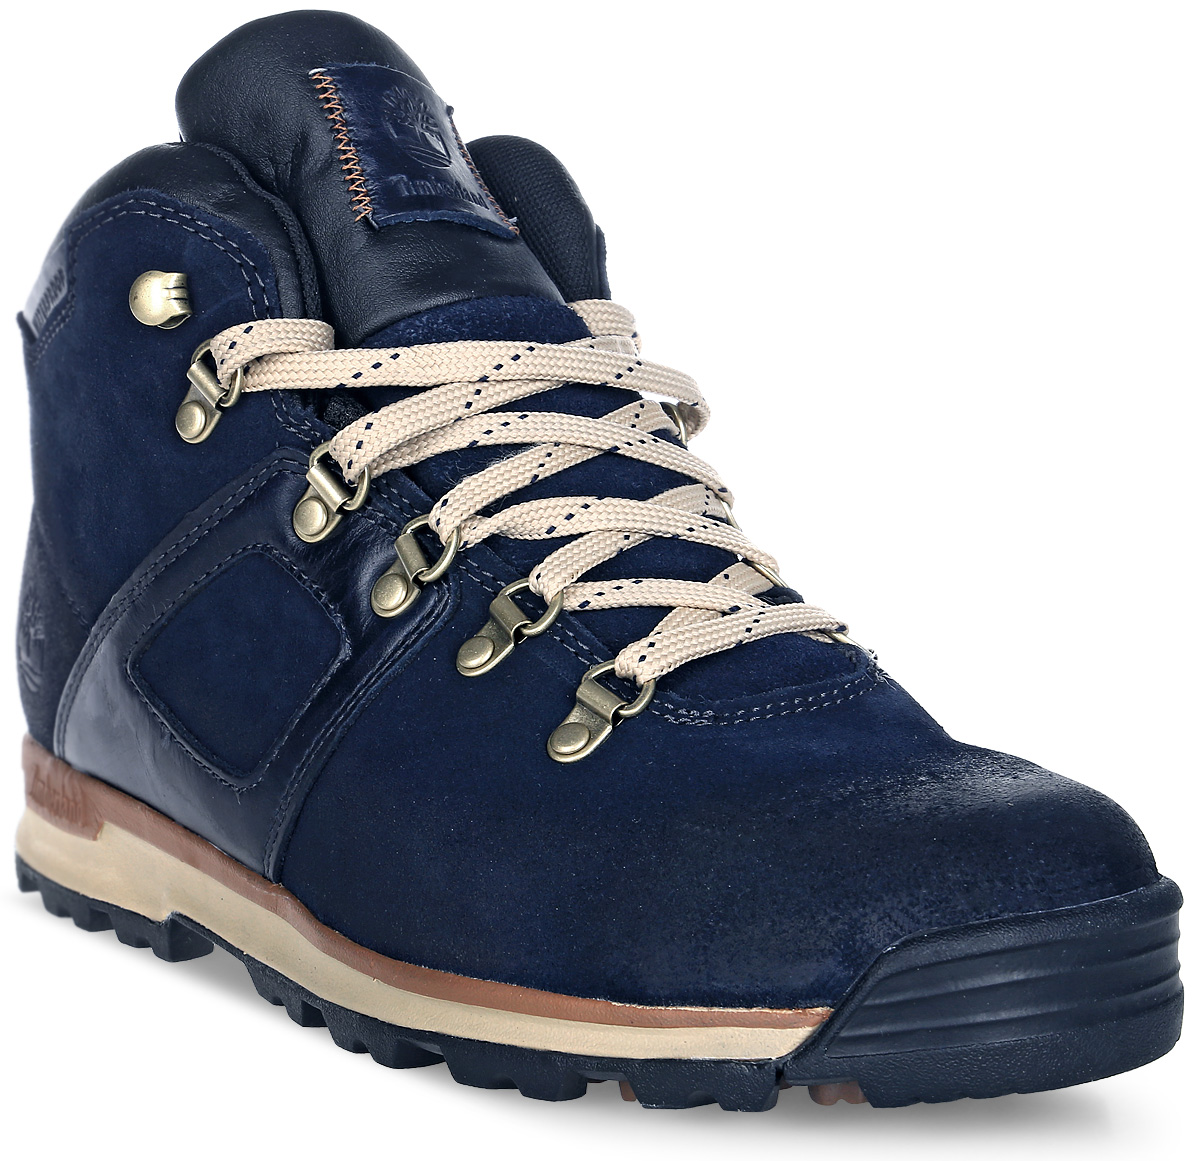 Ботинки мужские Timberland Mid Leather Waterproof, цвет: темно-синий. TBLA113VM. Размер 11,5 (44,5)TBLA113VMСтильные ботинки Timberland не оставят вас равнодушным. Модель на классической шнуровке, выполнена из натуральной замши. Внутренняя поверхность и стелька изготовлены из натуральной кожи. Модель дополнена на язычке фирменной нашивкой. Подошва с рифлением обеспечивает идеальное сцепление с любыми поверхностями. Такие чудесные ботинки займут достойное место в вашем гардеробе.